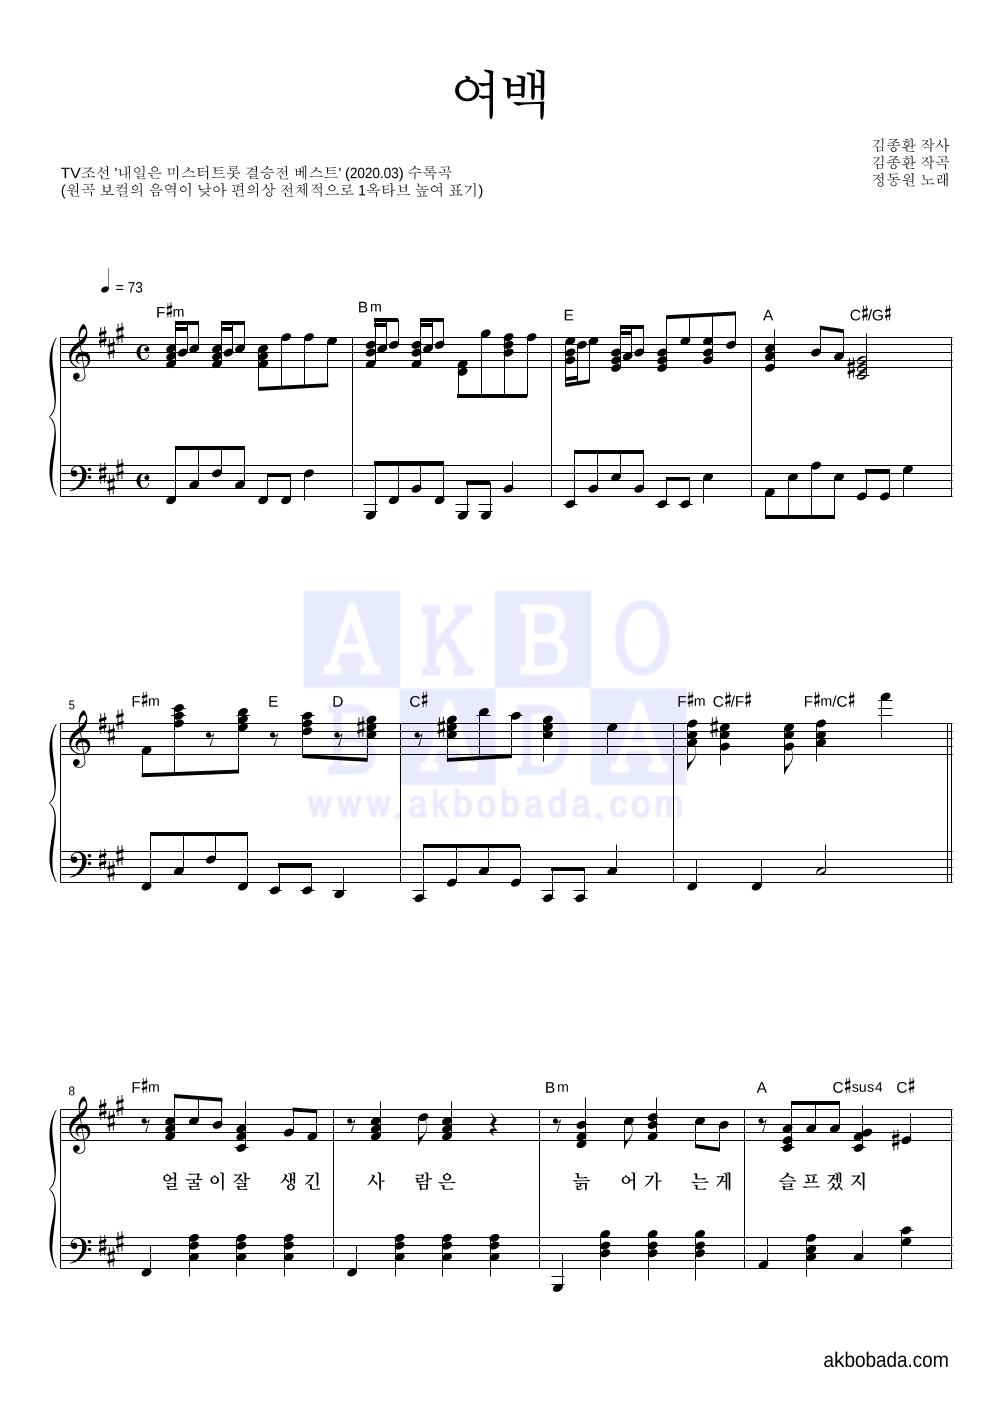 정동원 - 여백 피아노 2단 악보